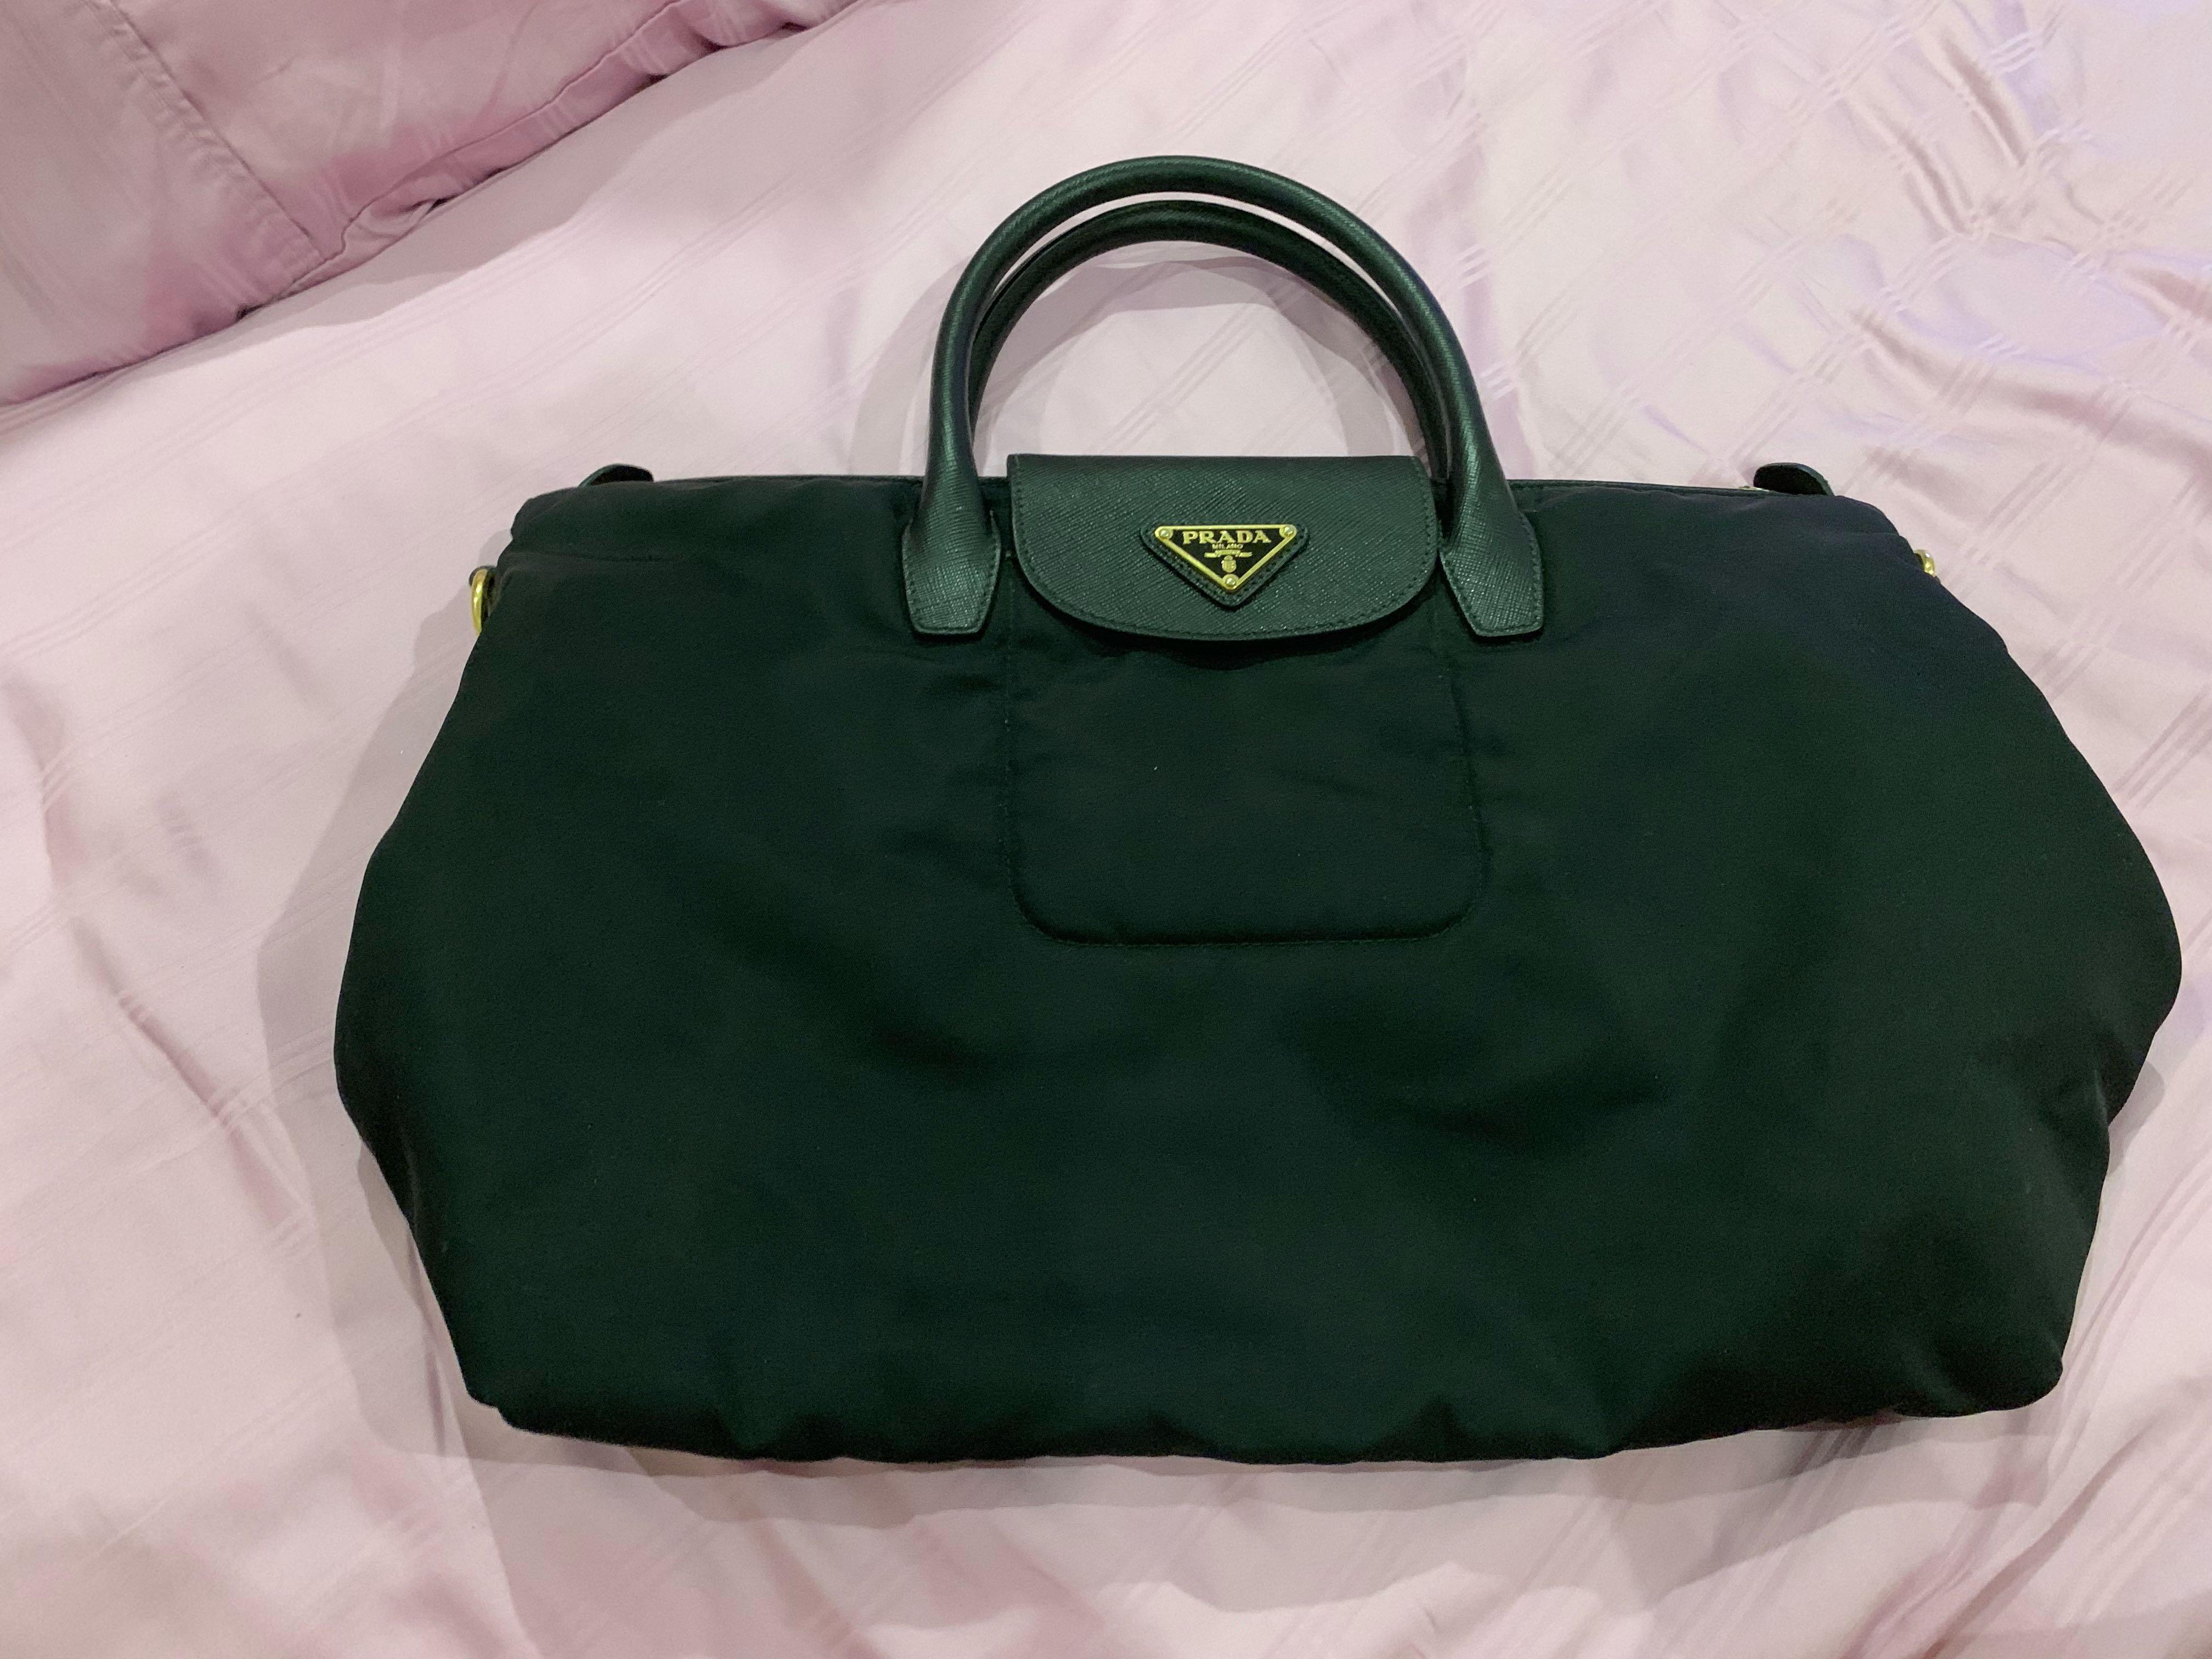 a04d78dfcd43 Prada BN2541 Tessuto & Saffiano Tote Bag, Women's Fashion, Bags & Wallets,  Handbags on Carousell